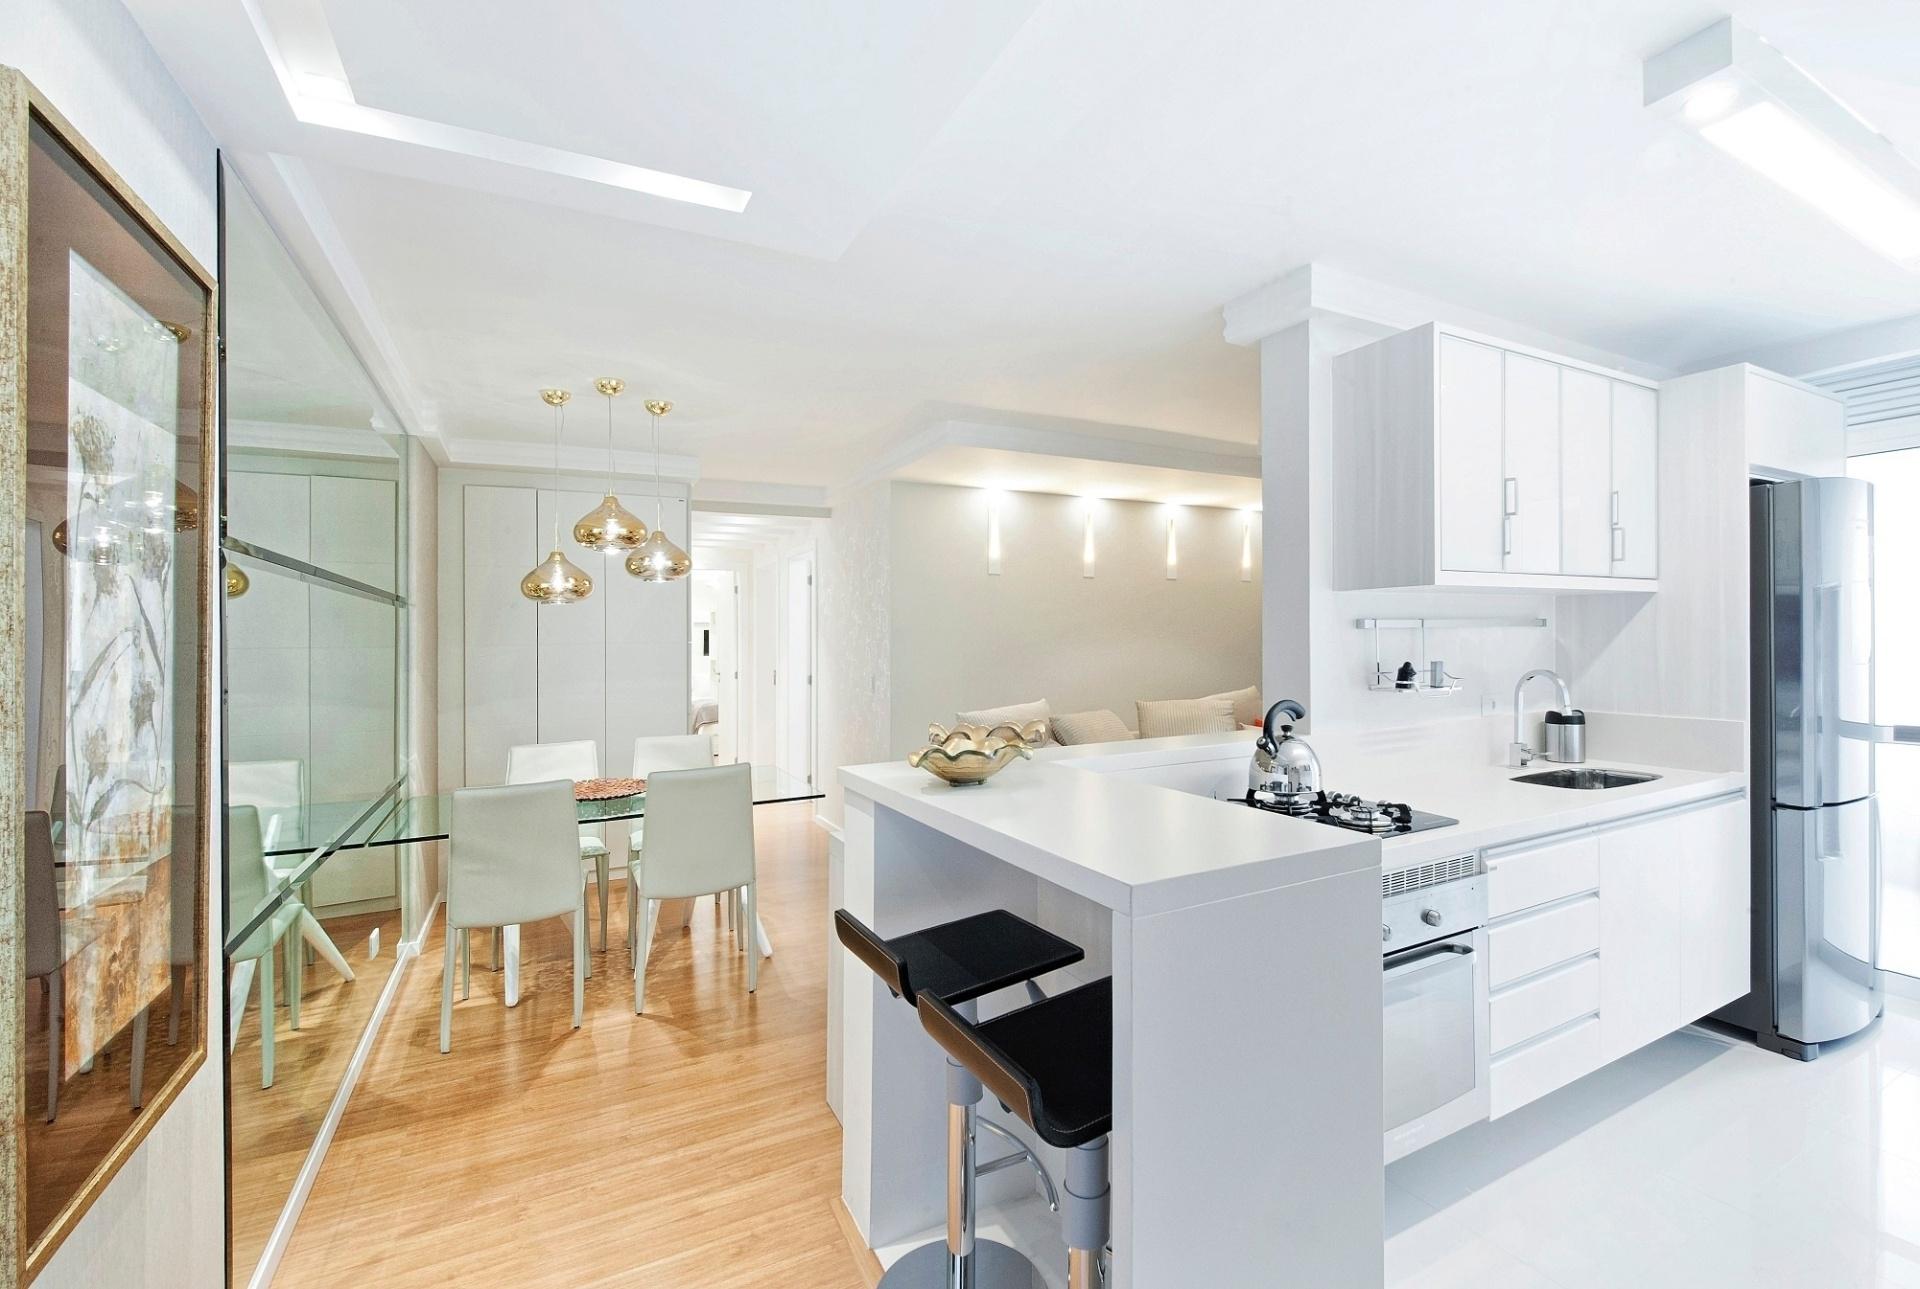 No apartamento em Curitiba (PR), o escritório Carla Kiss Arquitetura integrou a cozinha aos ambientes sociais para dar mais amplitude ao espaço. Para que a decoração não ficasse monótona, o projeto balanceou as cores claras com elementos dourados